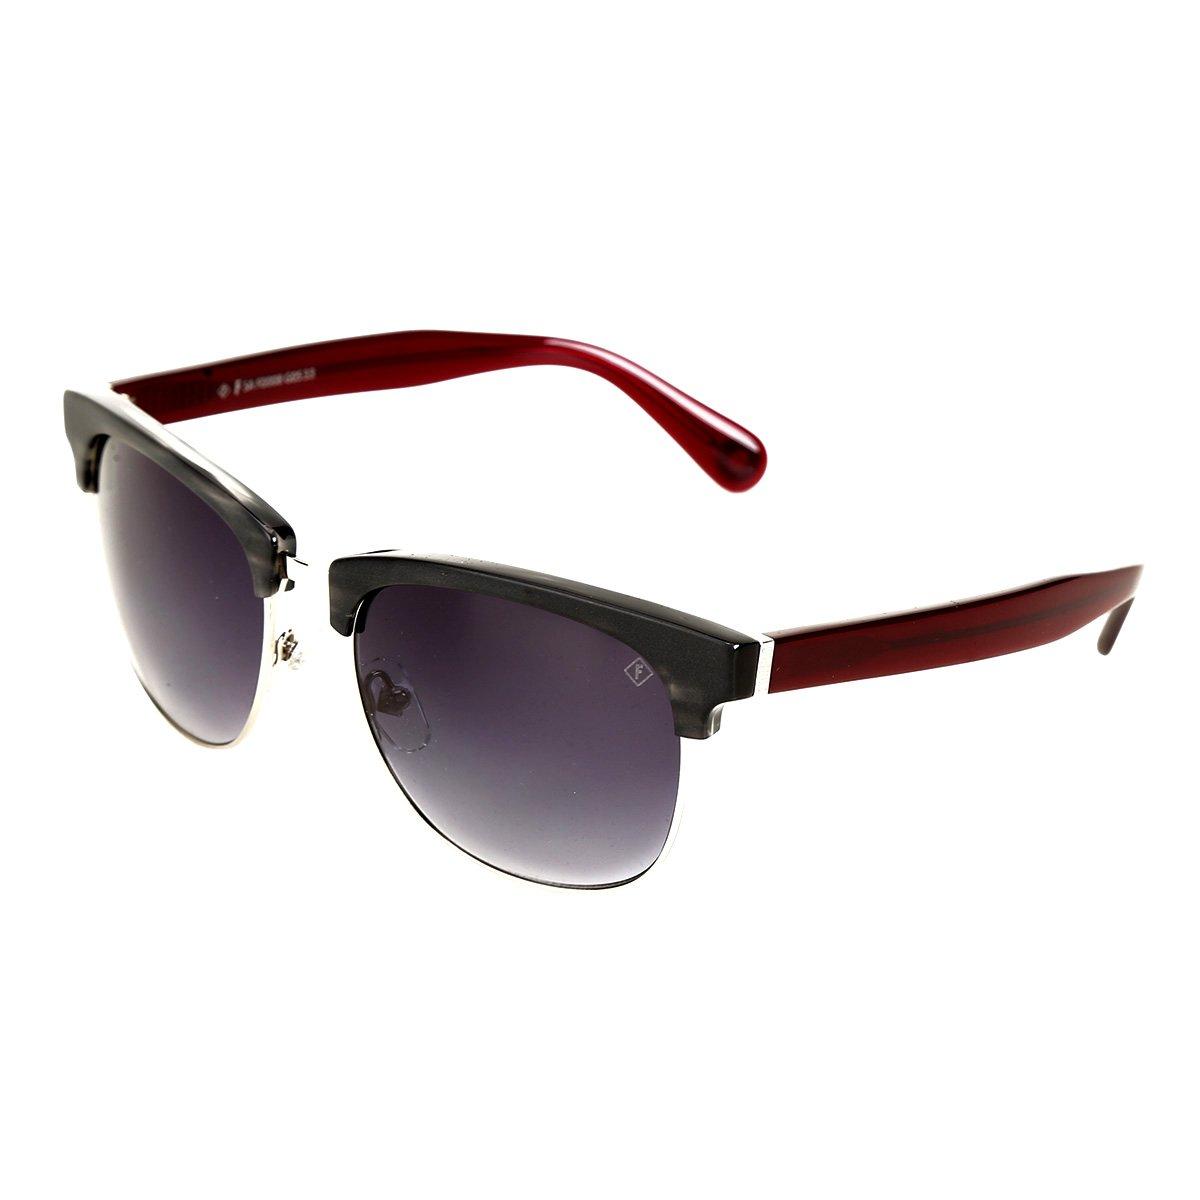 Óculos   Livelo -Sua Vida com Mais Recompensas d2b670ed61